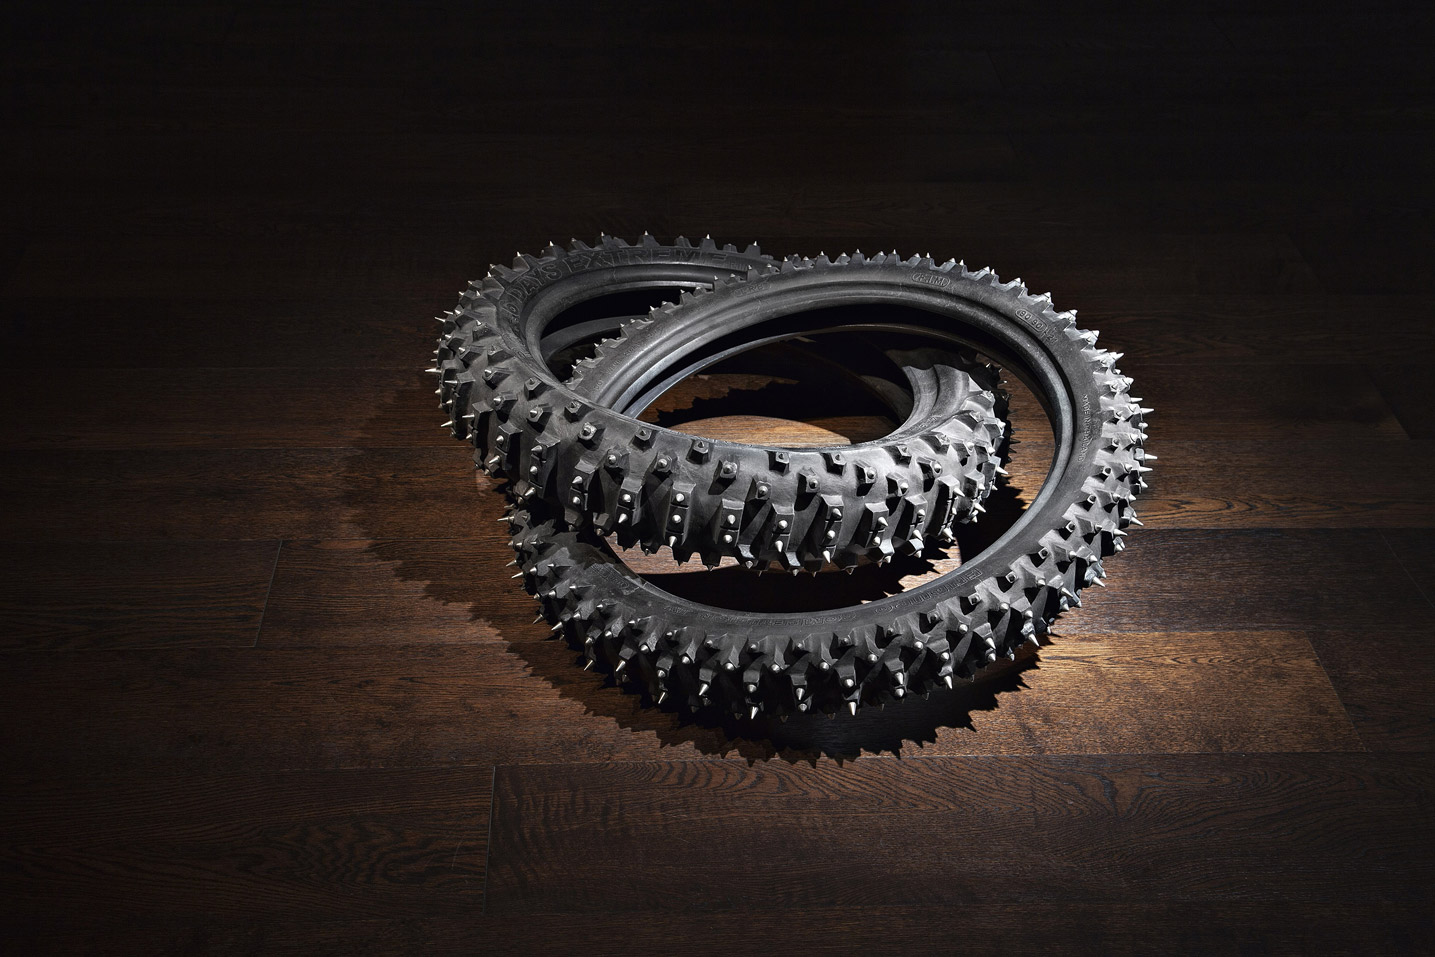 punk fabio viale poggiali forconi marmo marble tires ruote